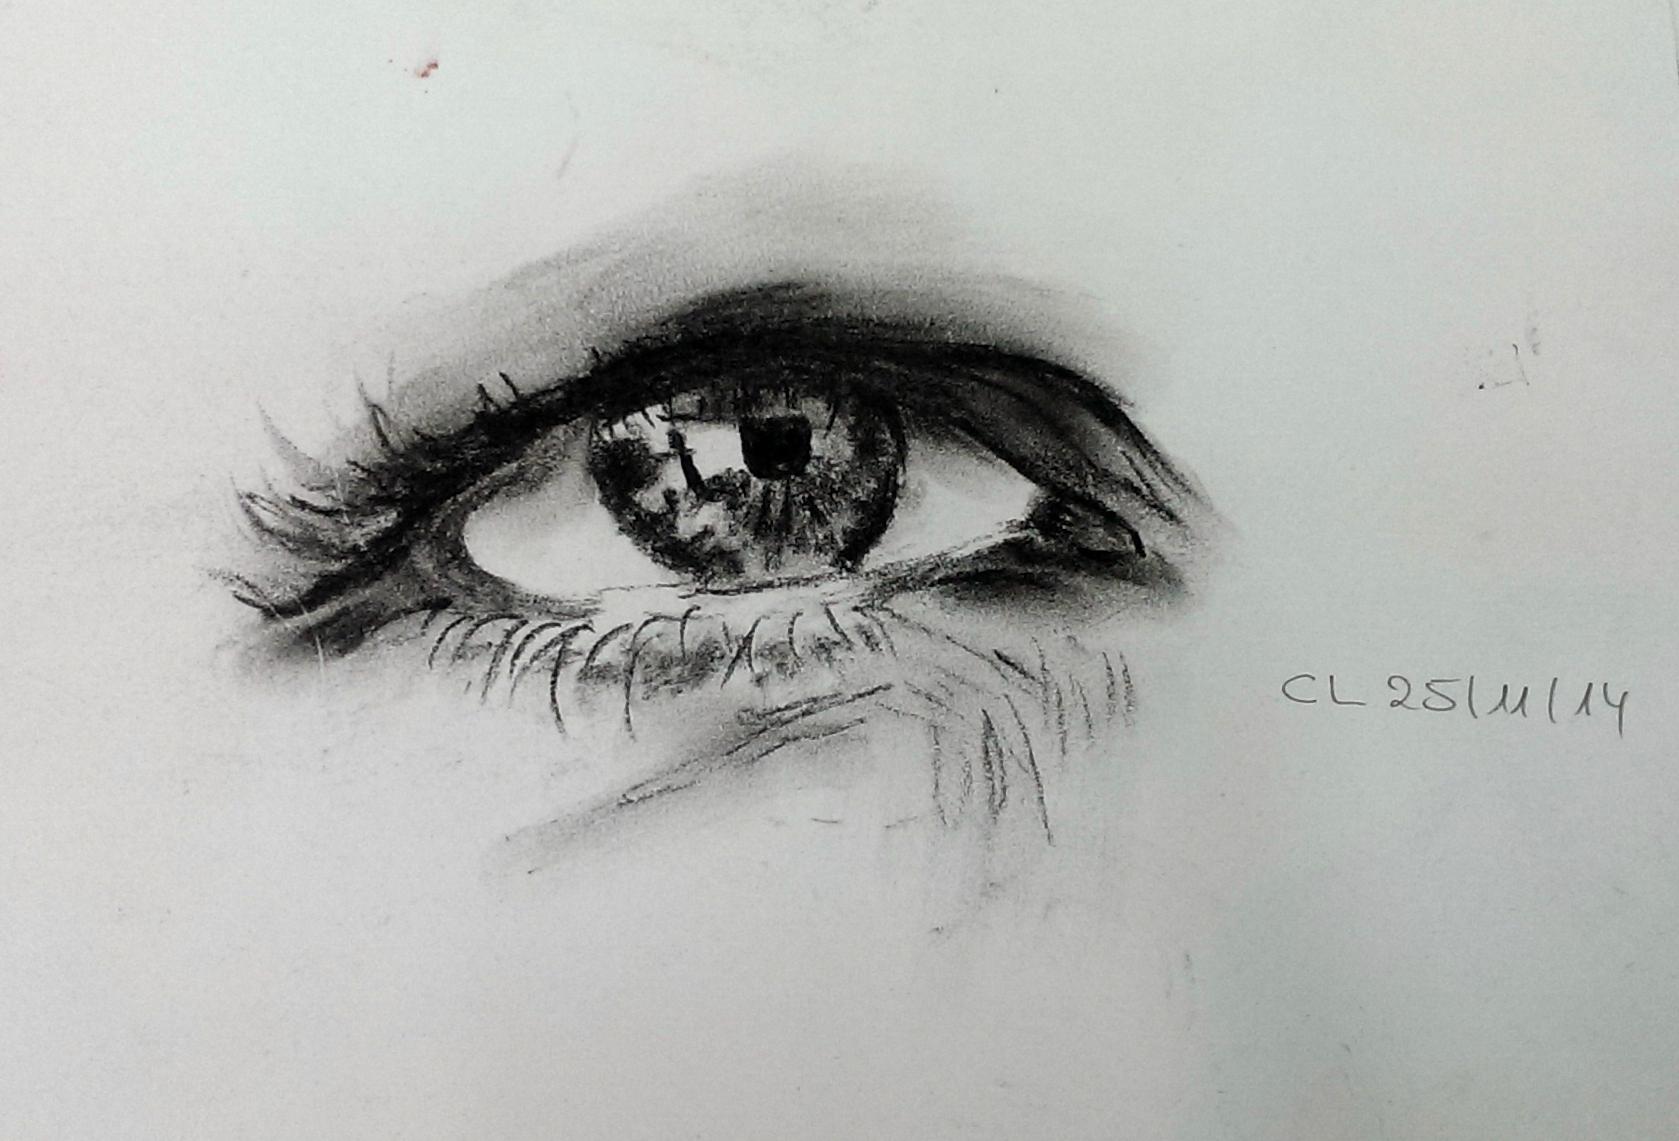 Gestisches Expressives Zeichnen Und Fortsetzung Projekt Augen